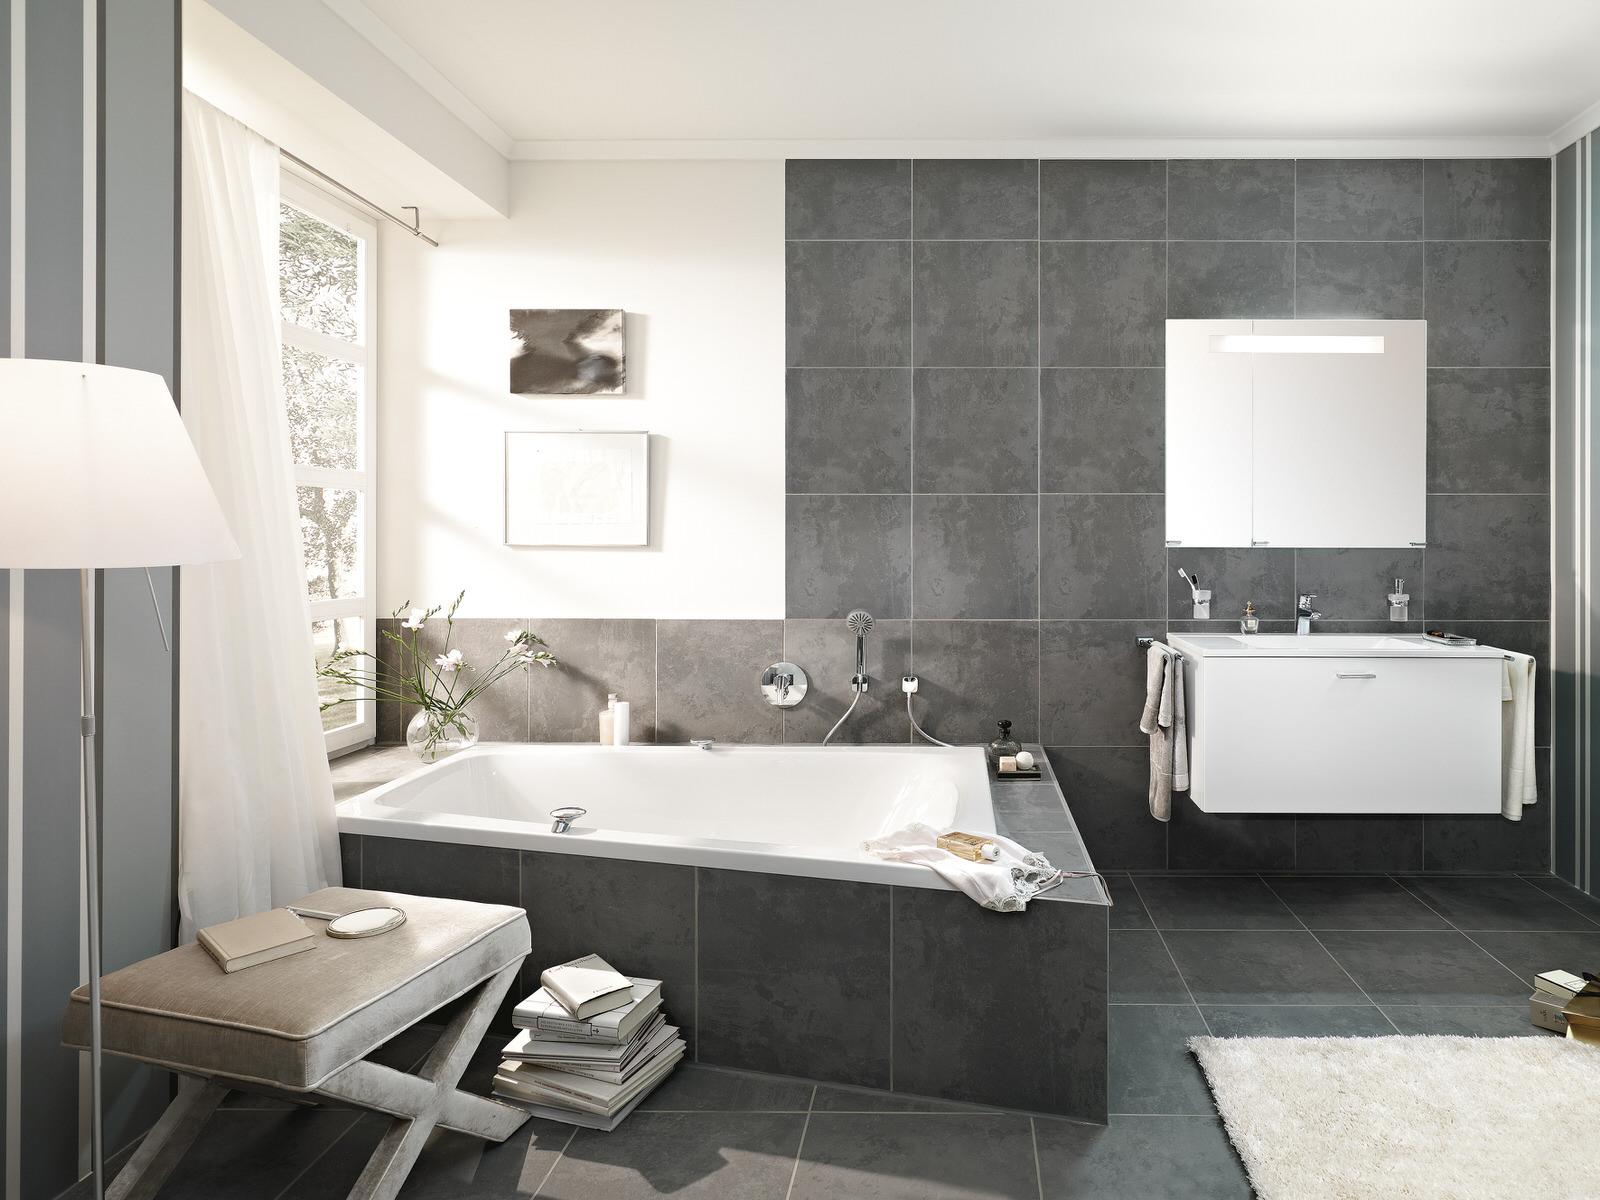 sanit r. Black Bedroom Furniture Sets. Home Design Ideas